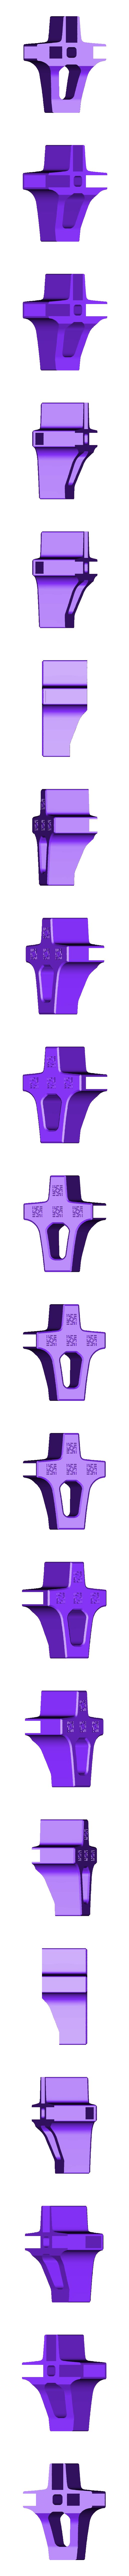 Shelv___Xg__.stl Télécharger fichier STL gratuit Zavr - Système d'étagères modulaires pour les filles courageuses • Objet pour impression 3D, shumeyko